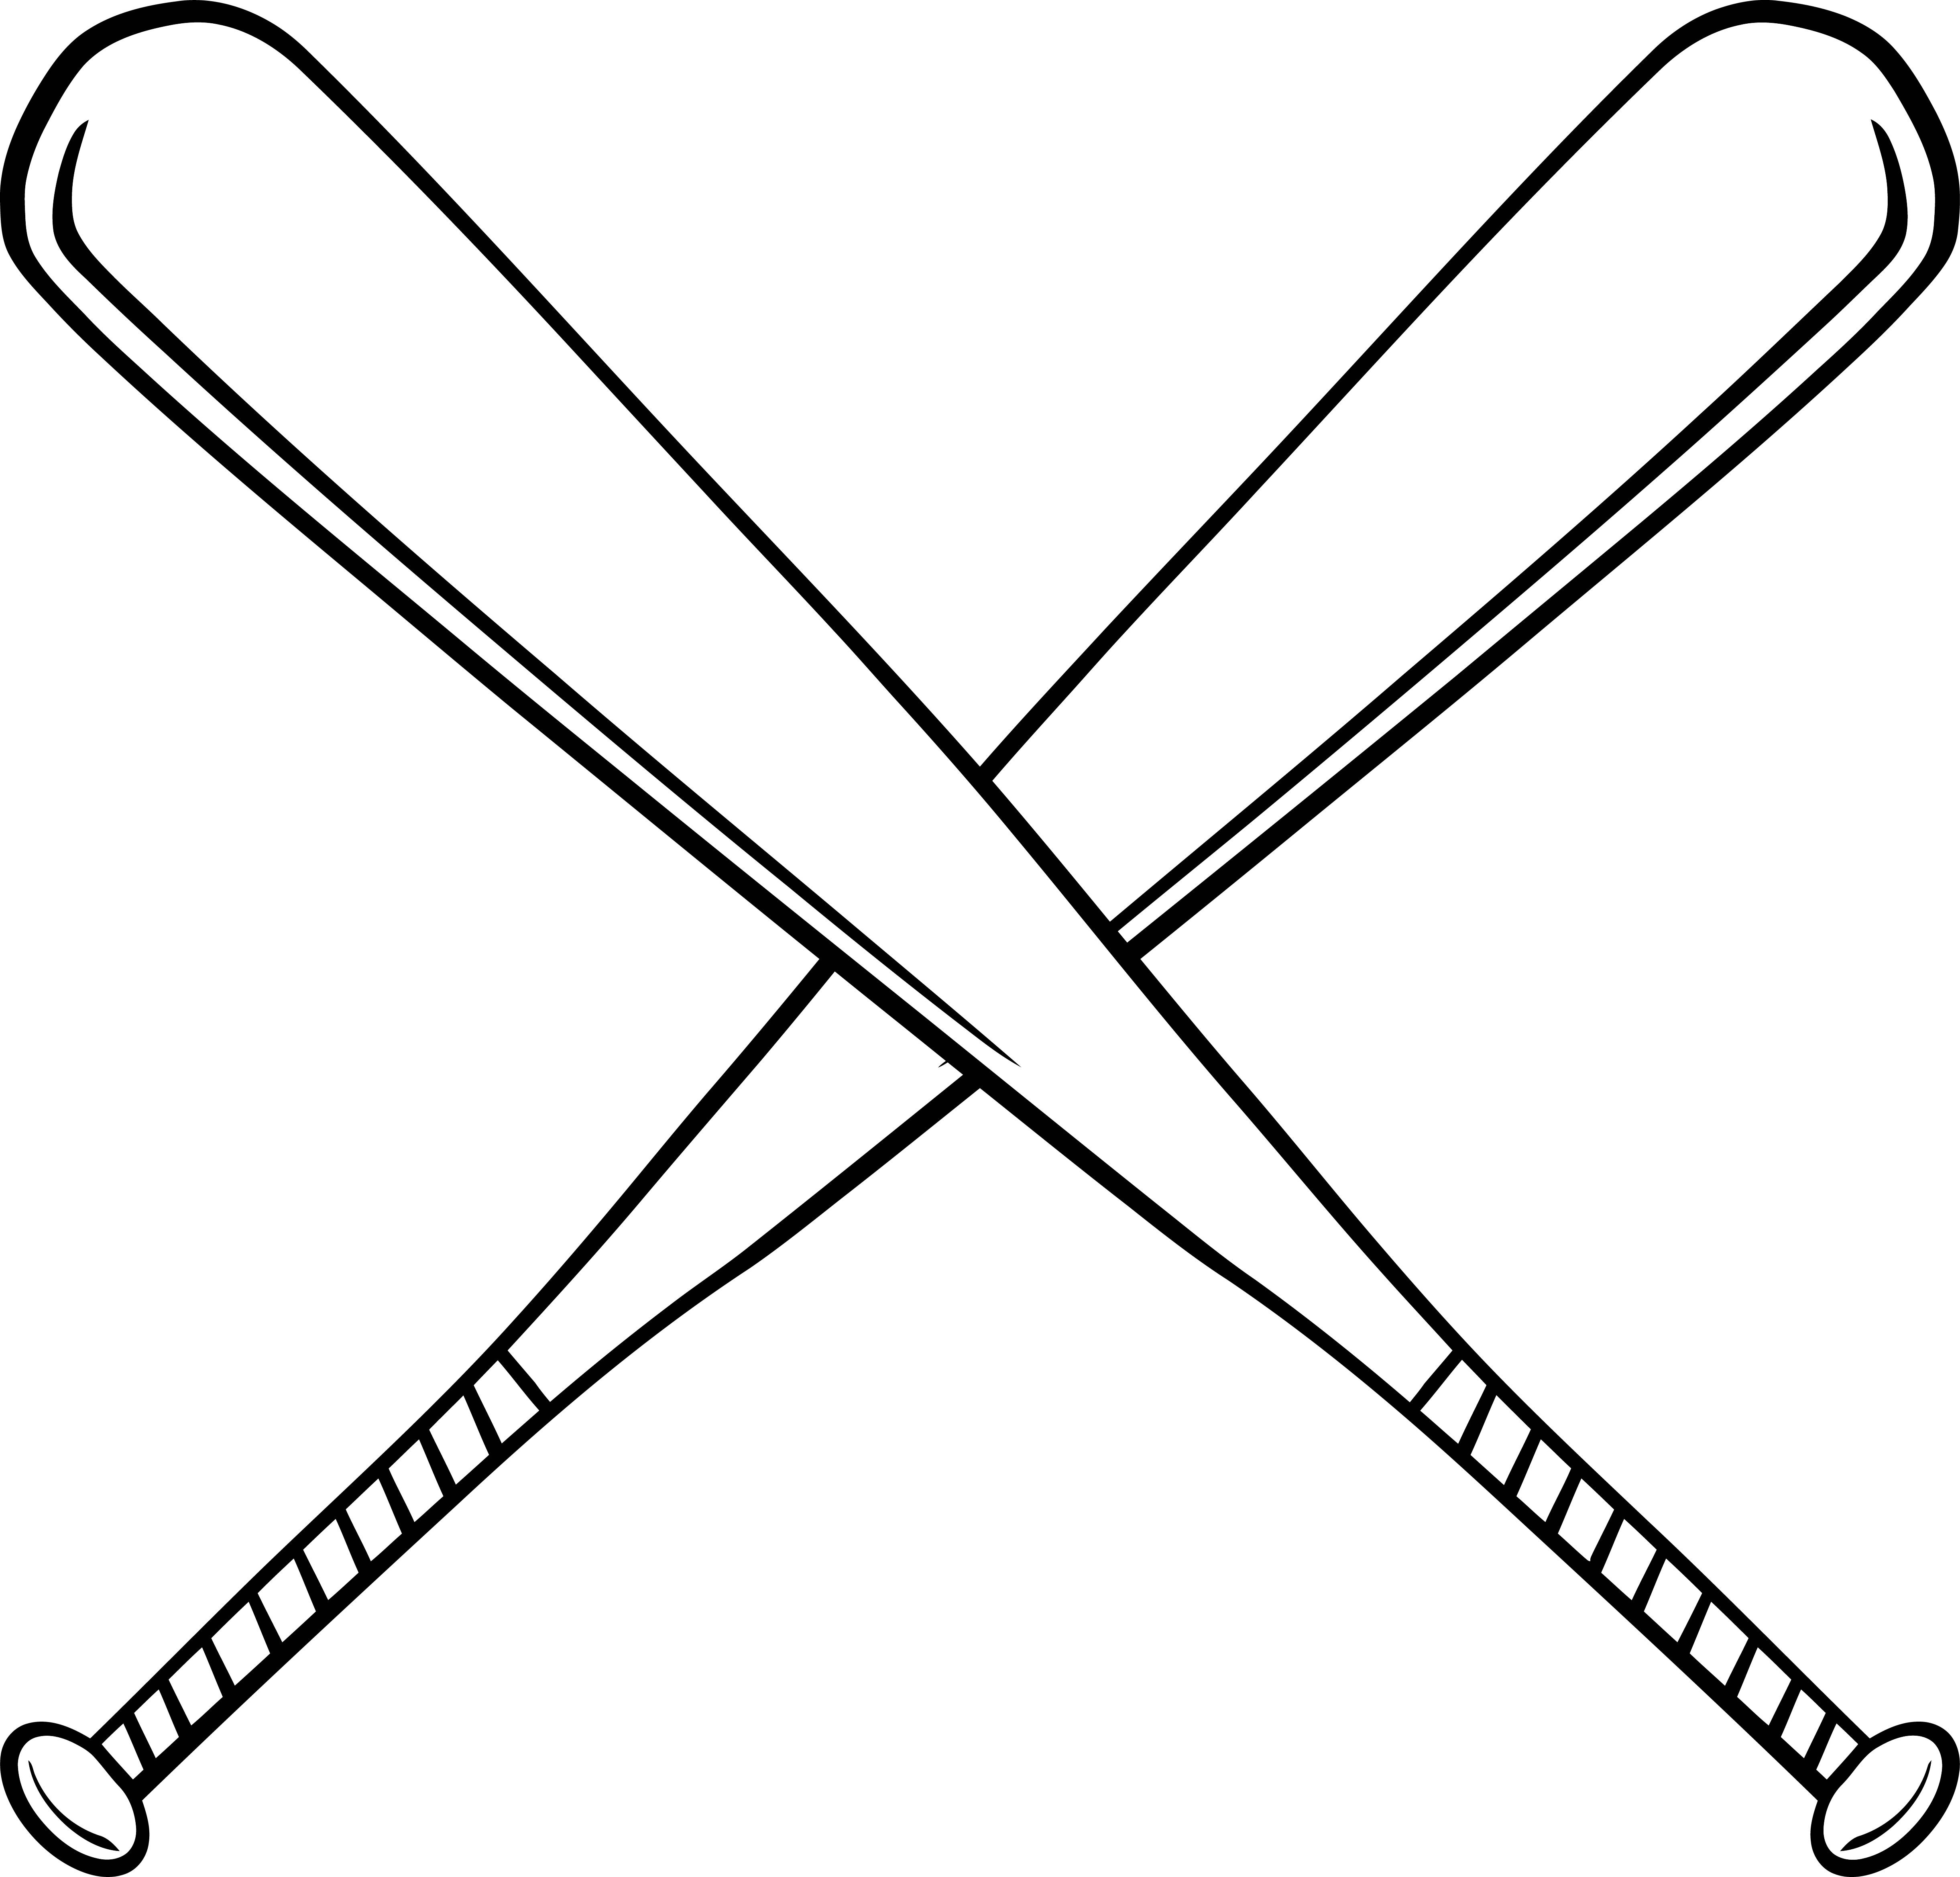 Baseball bats 6003